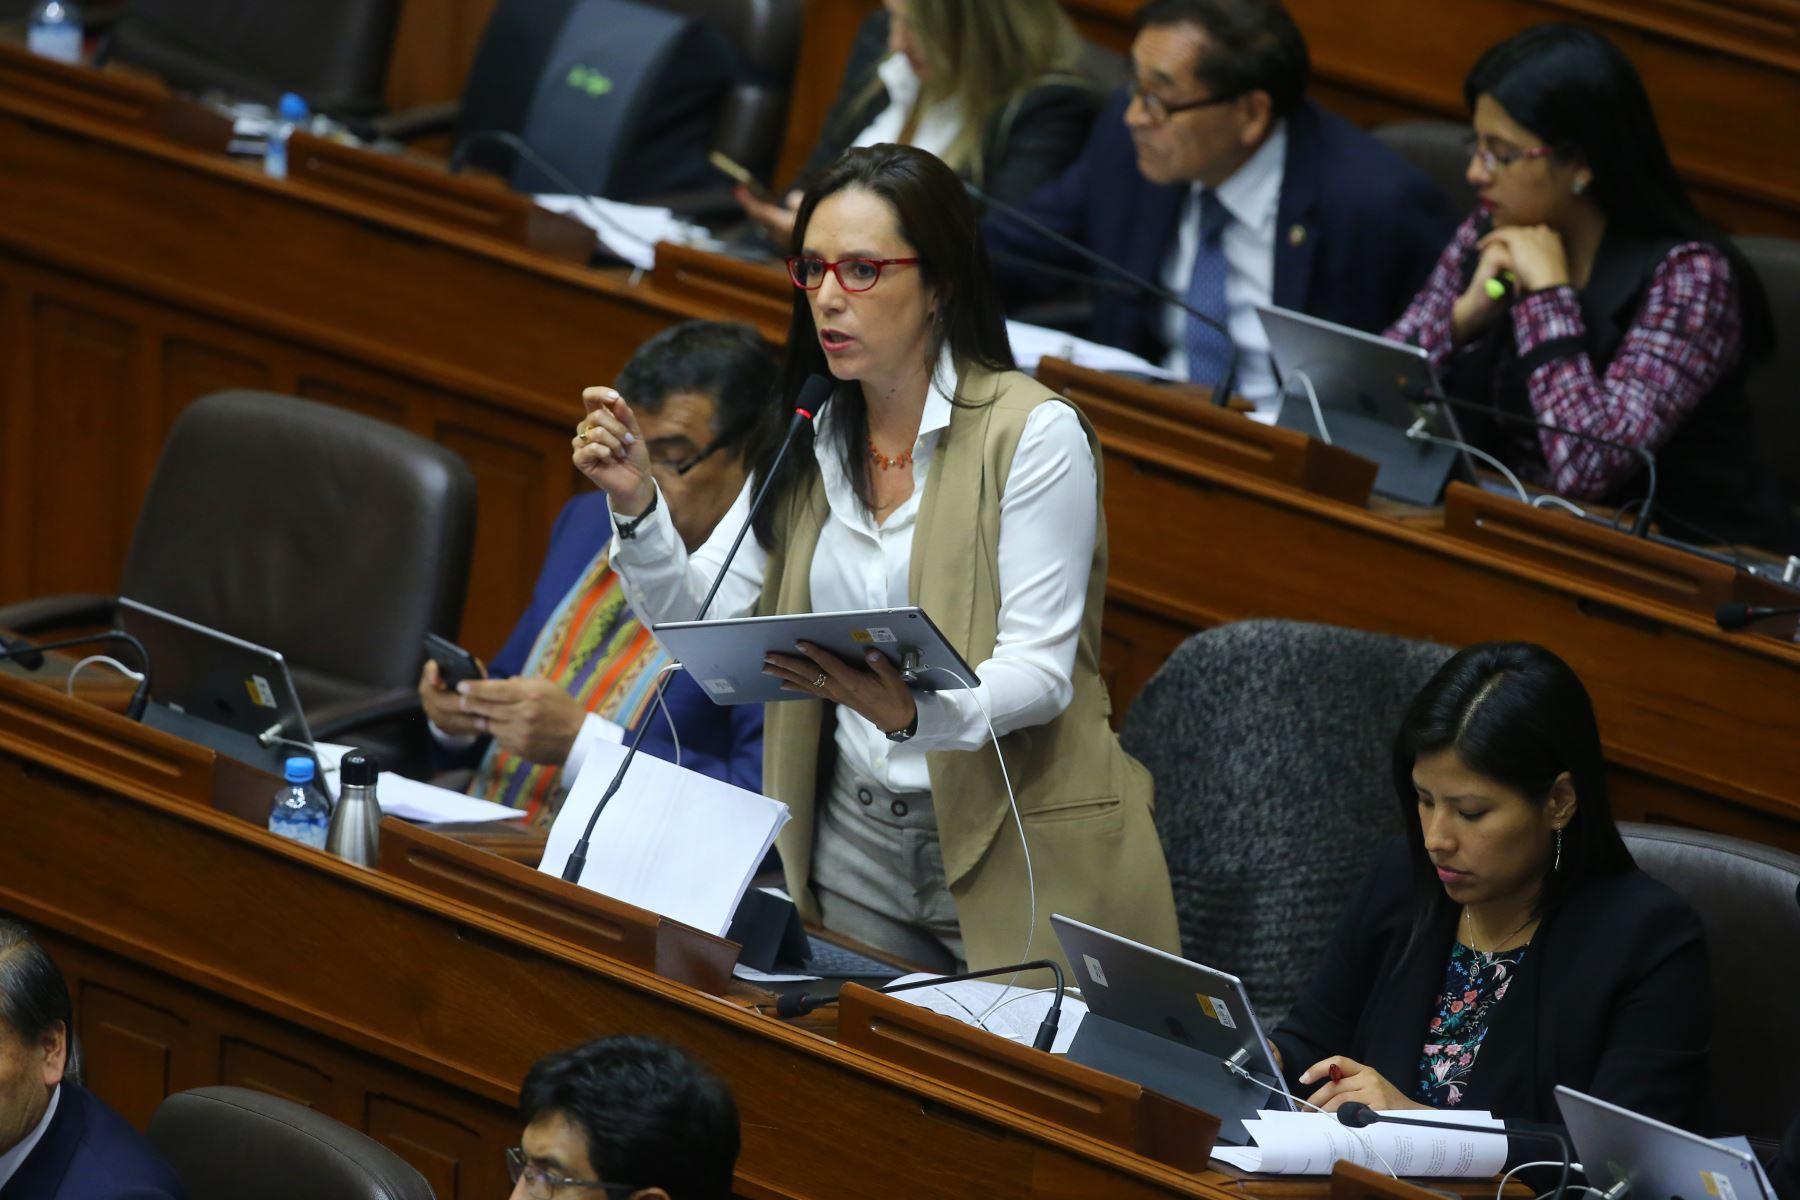 Congresista Marisa Glave interviene en el debate sobre la cuestión de confianza en el Congreso de la República. Foto: ANDINA/Vidal Tarqui